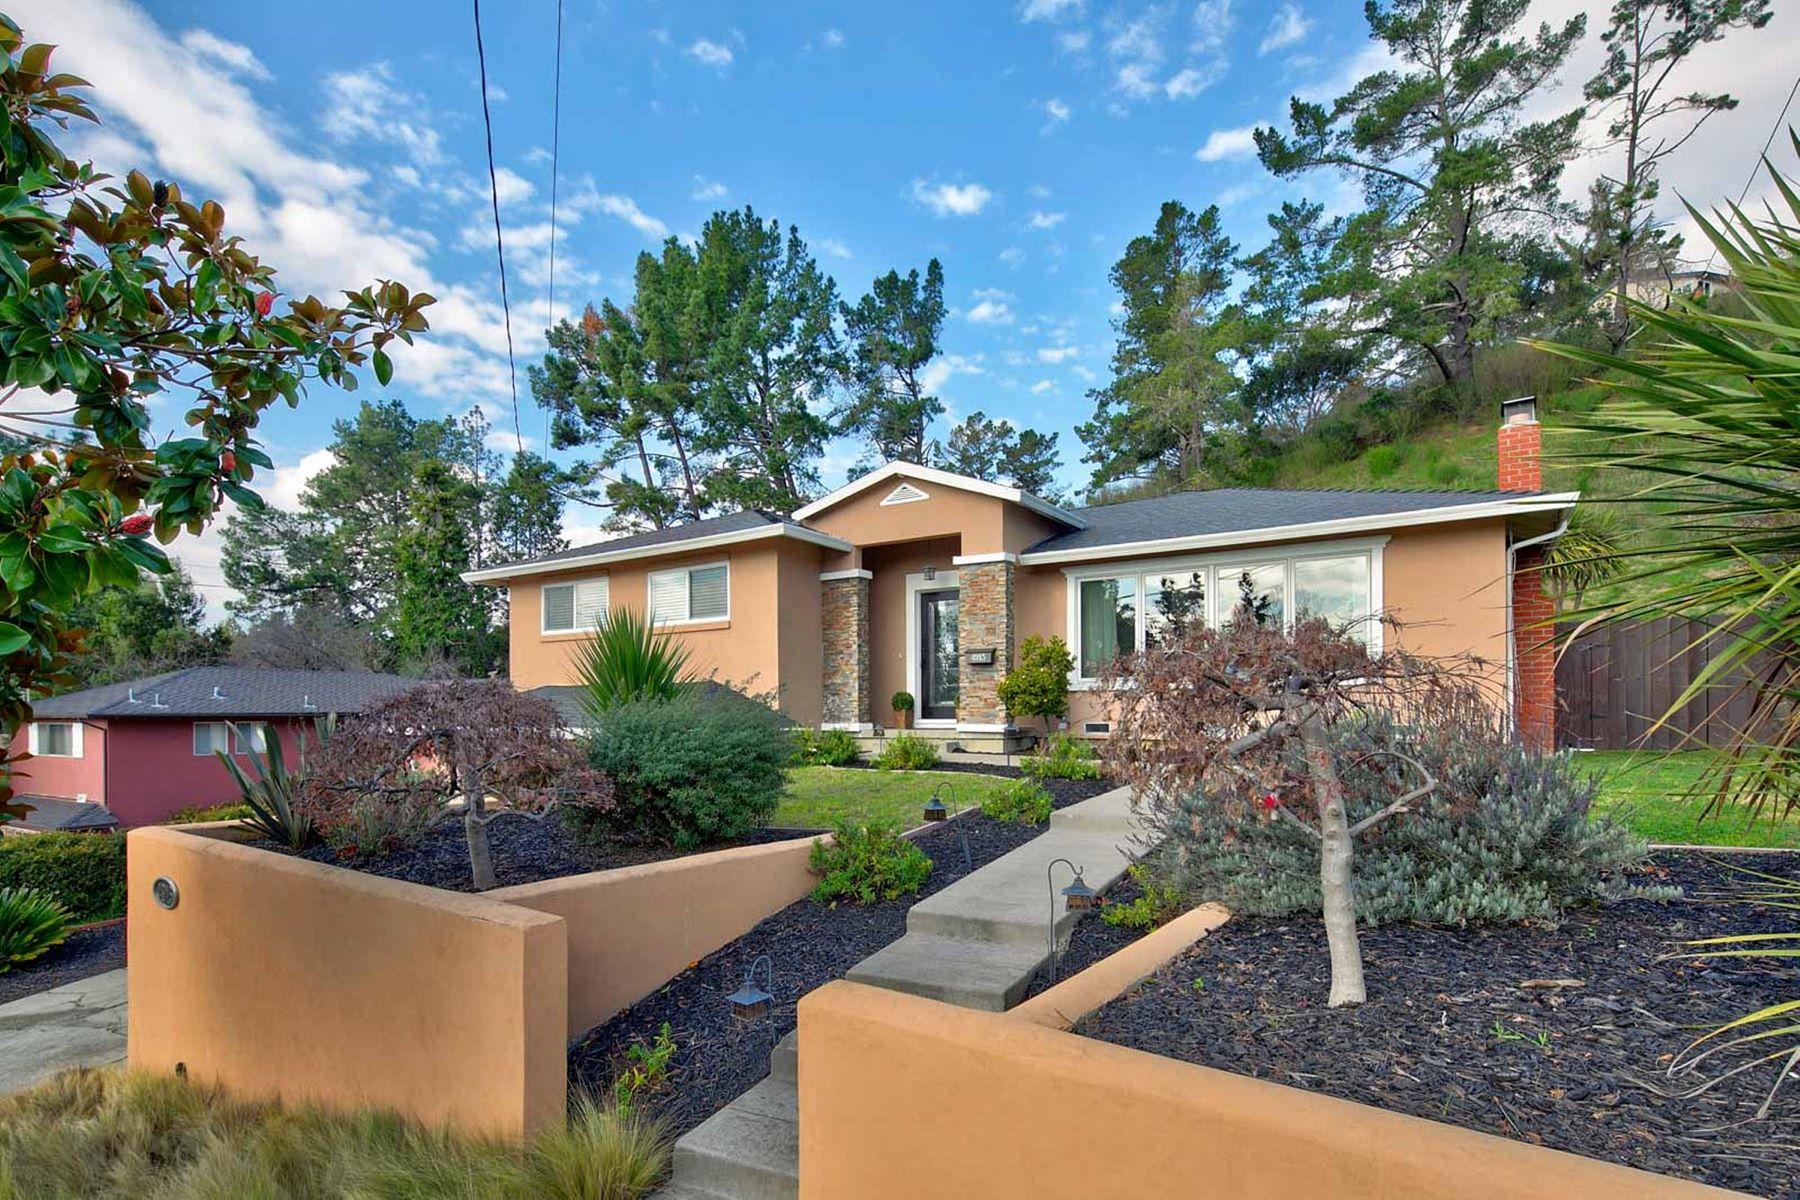 Casa Unifamiliar por un Venta en One Of A Kind Home 4915 Scotia Avenue Oakland, California 94605 Estados Unidos